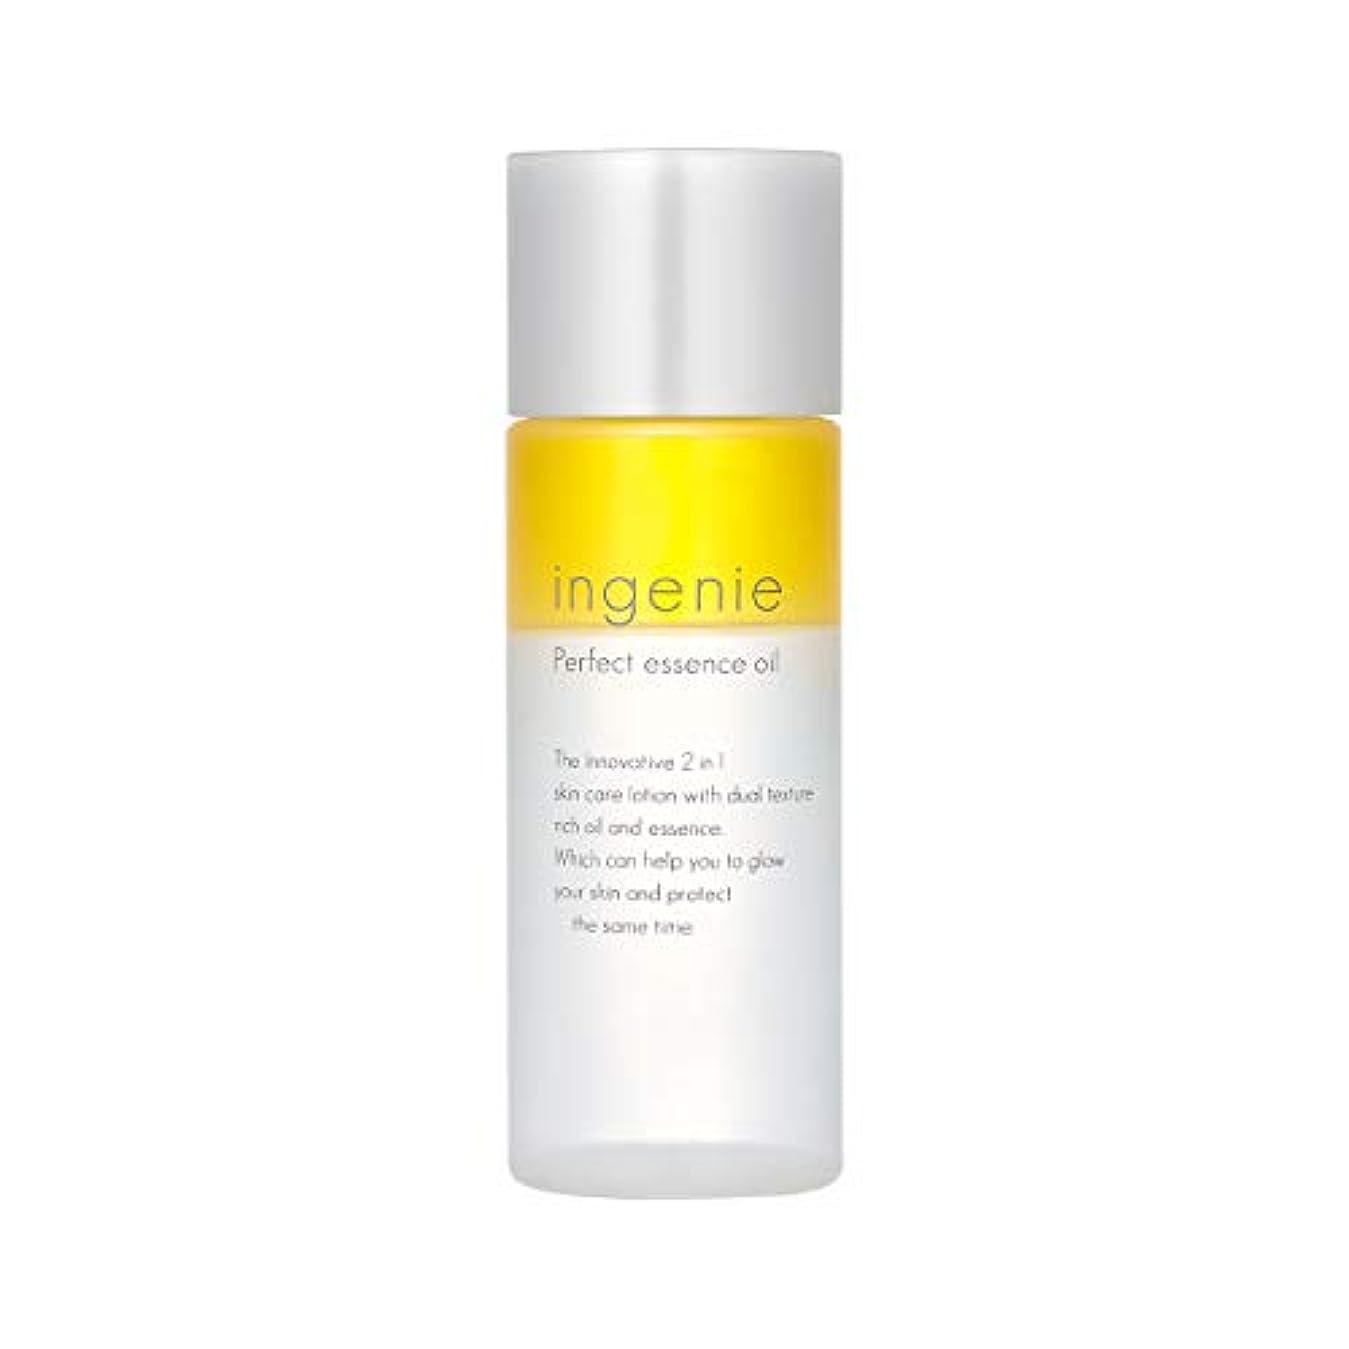 インジニエ パーフェクトエッセンスオイル genie(ジニエ) オールインワン化粧美容オイル 保湿 ラベンダーの香り ボタニカルオイル (50ml)